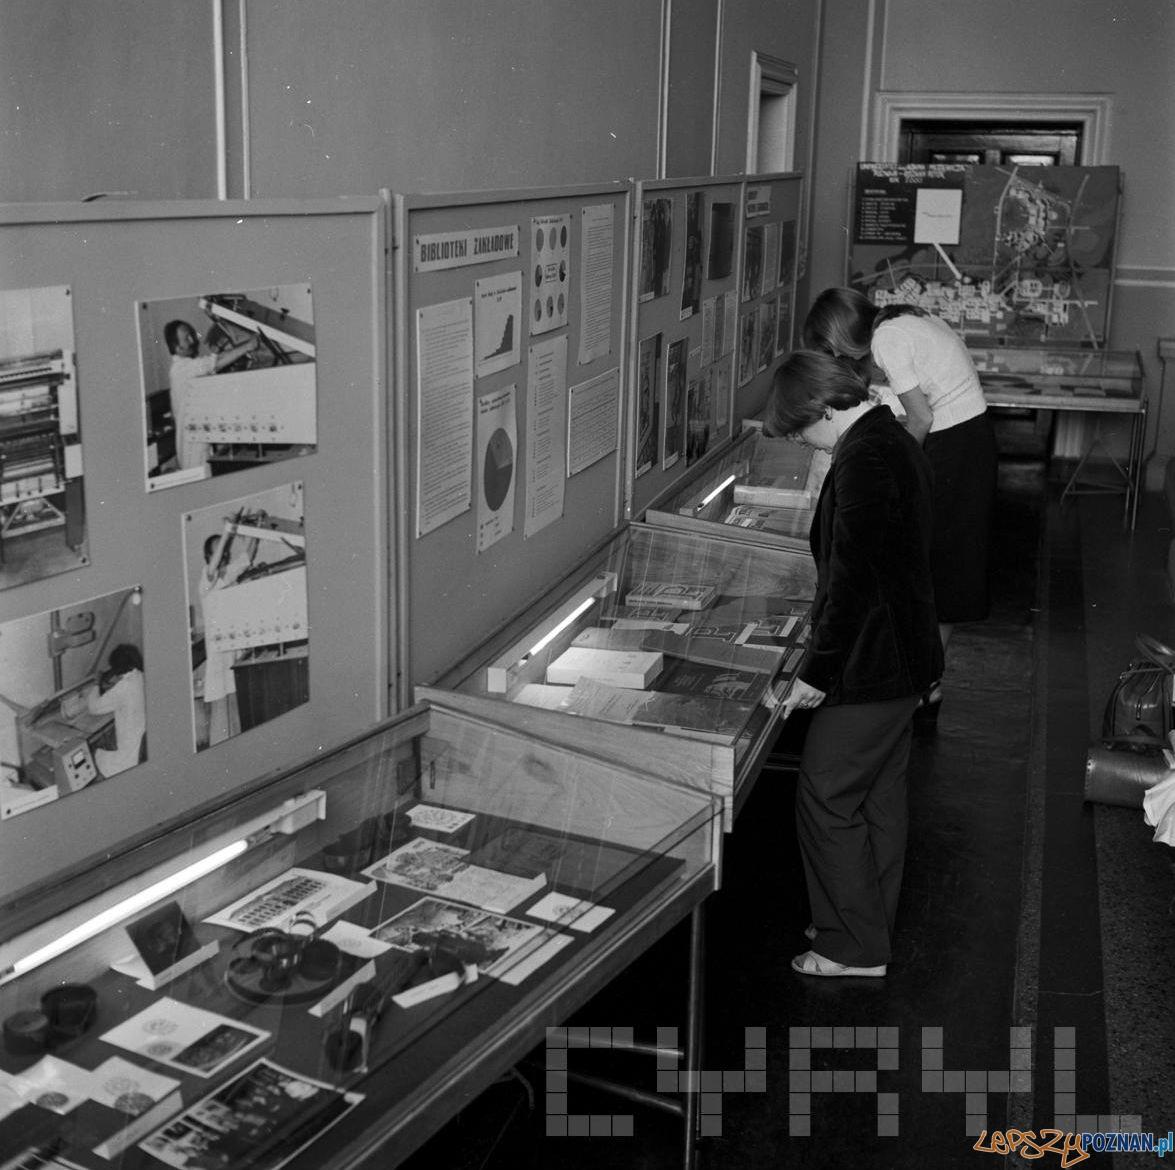 Wystawa z okazji 60 lecia Biblioteki Glownej UAM 17.07.1979 St. Wiktor Cyryl